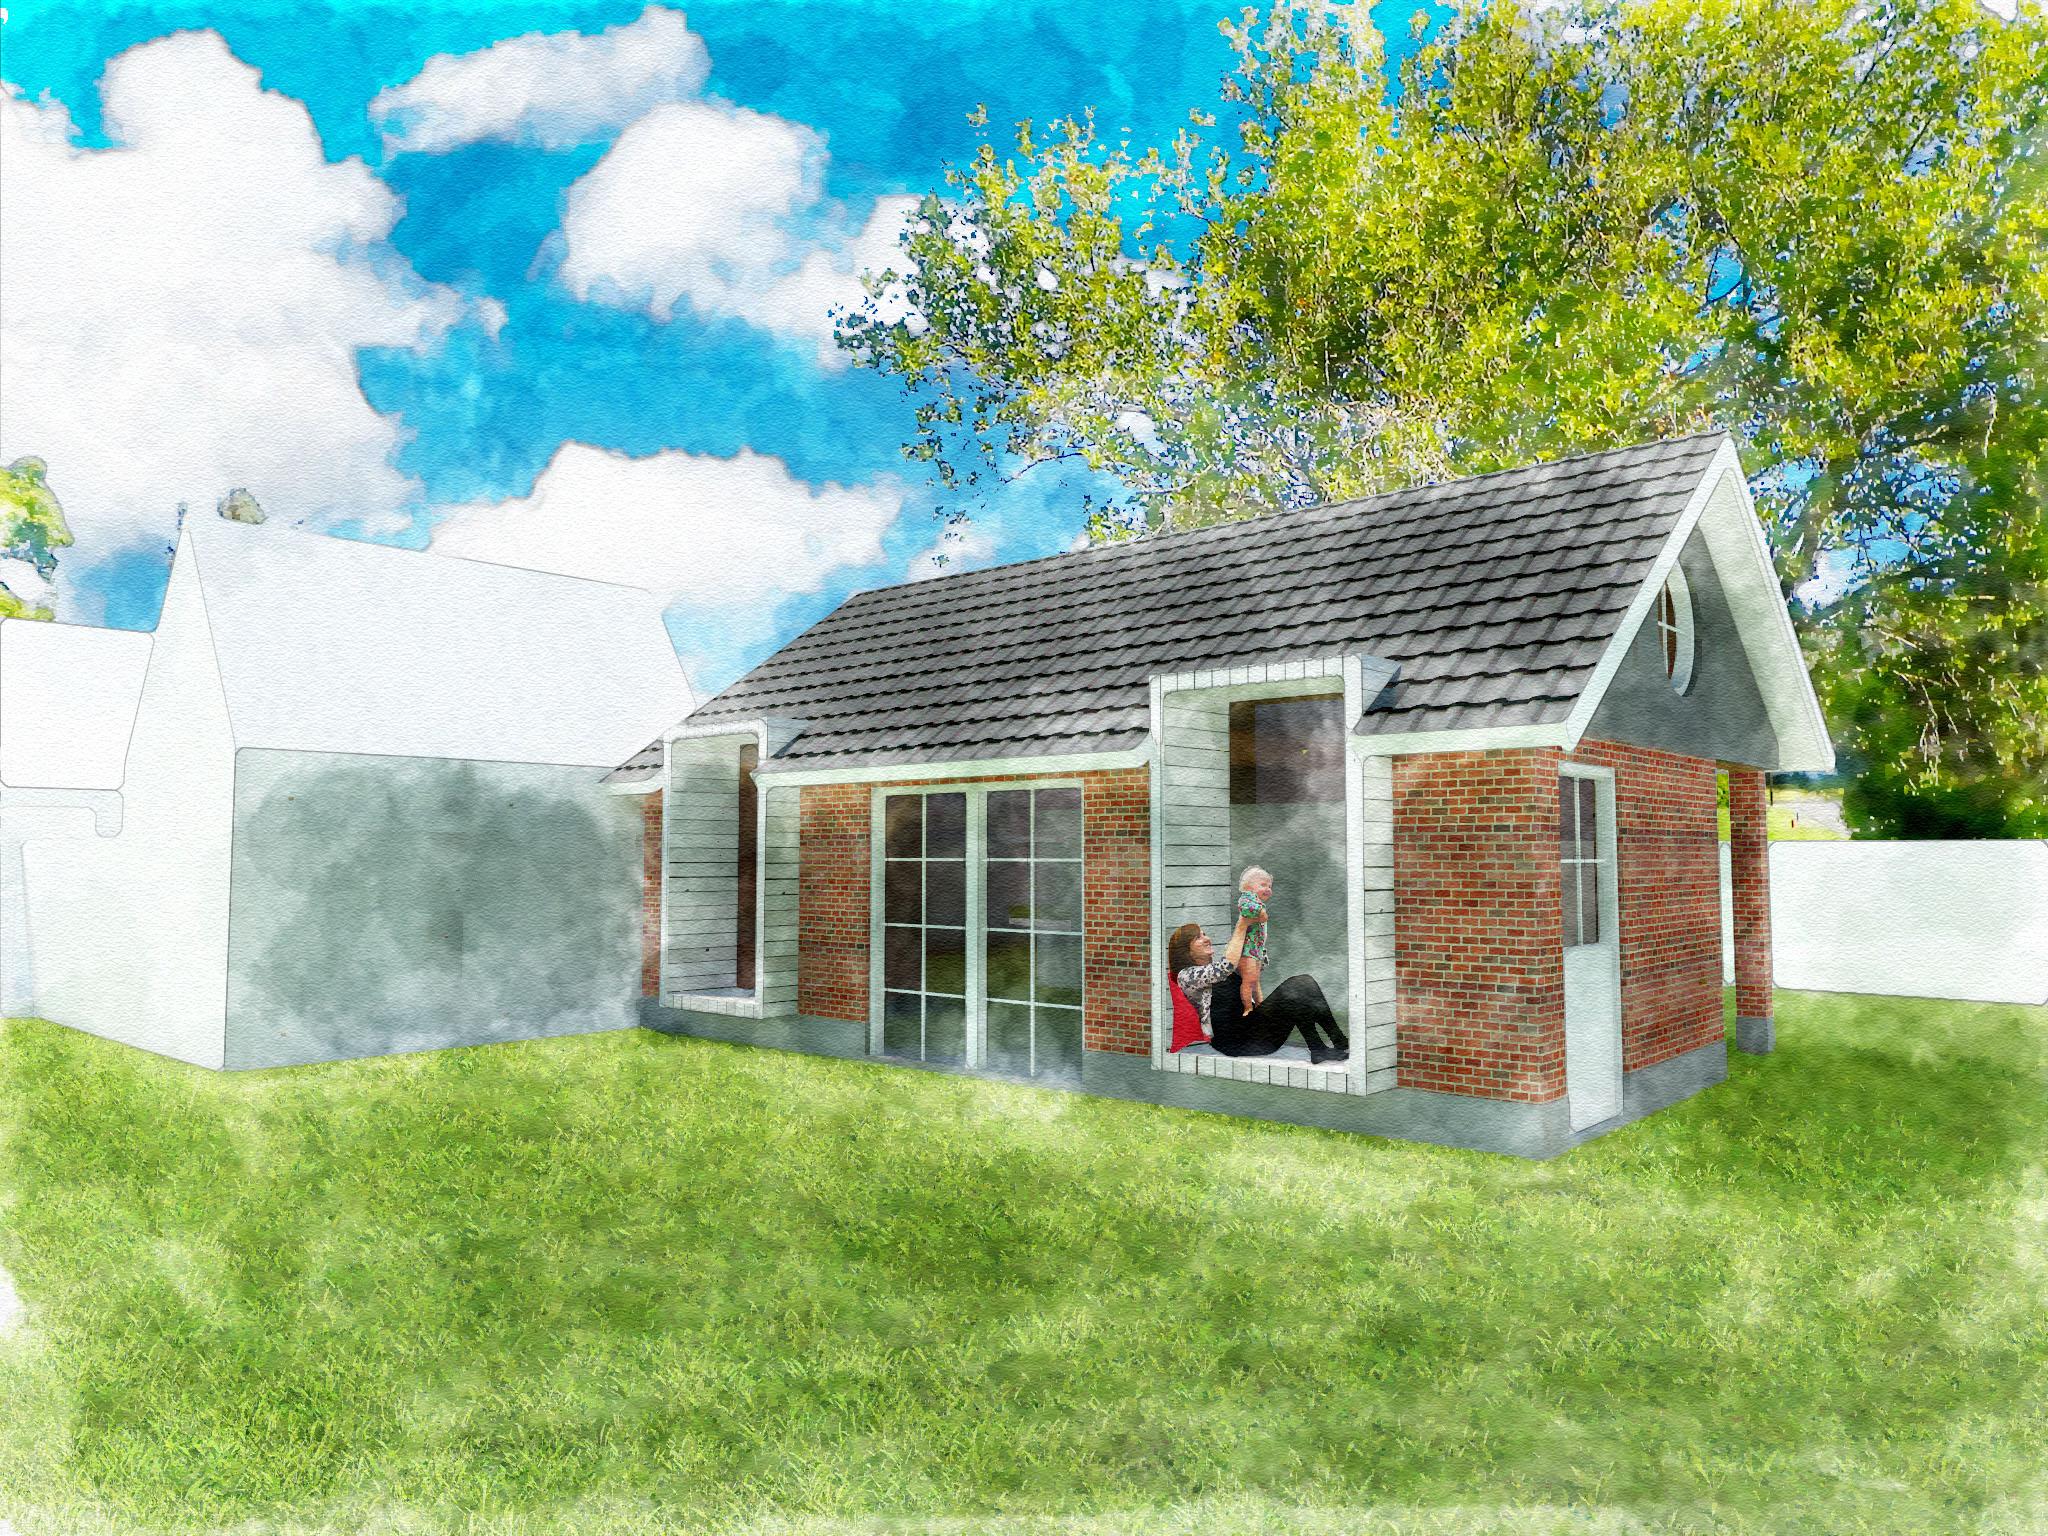 Afbeelding A, tuinzijde ontwerp